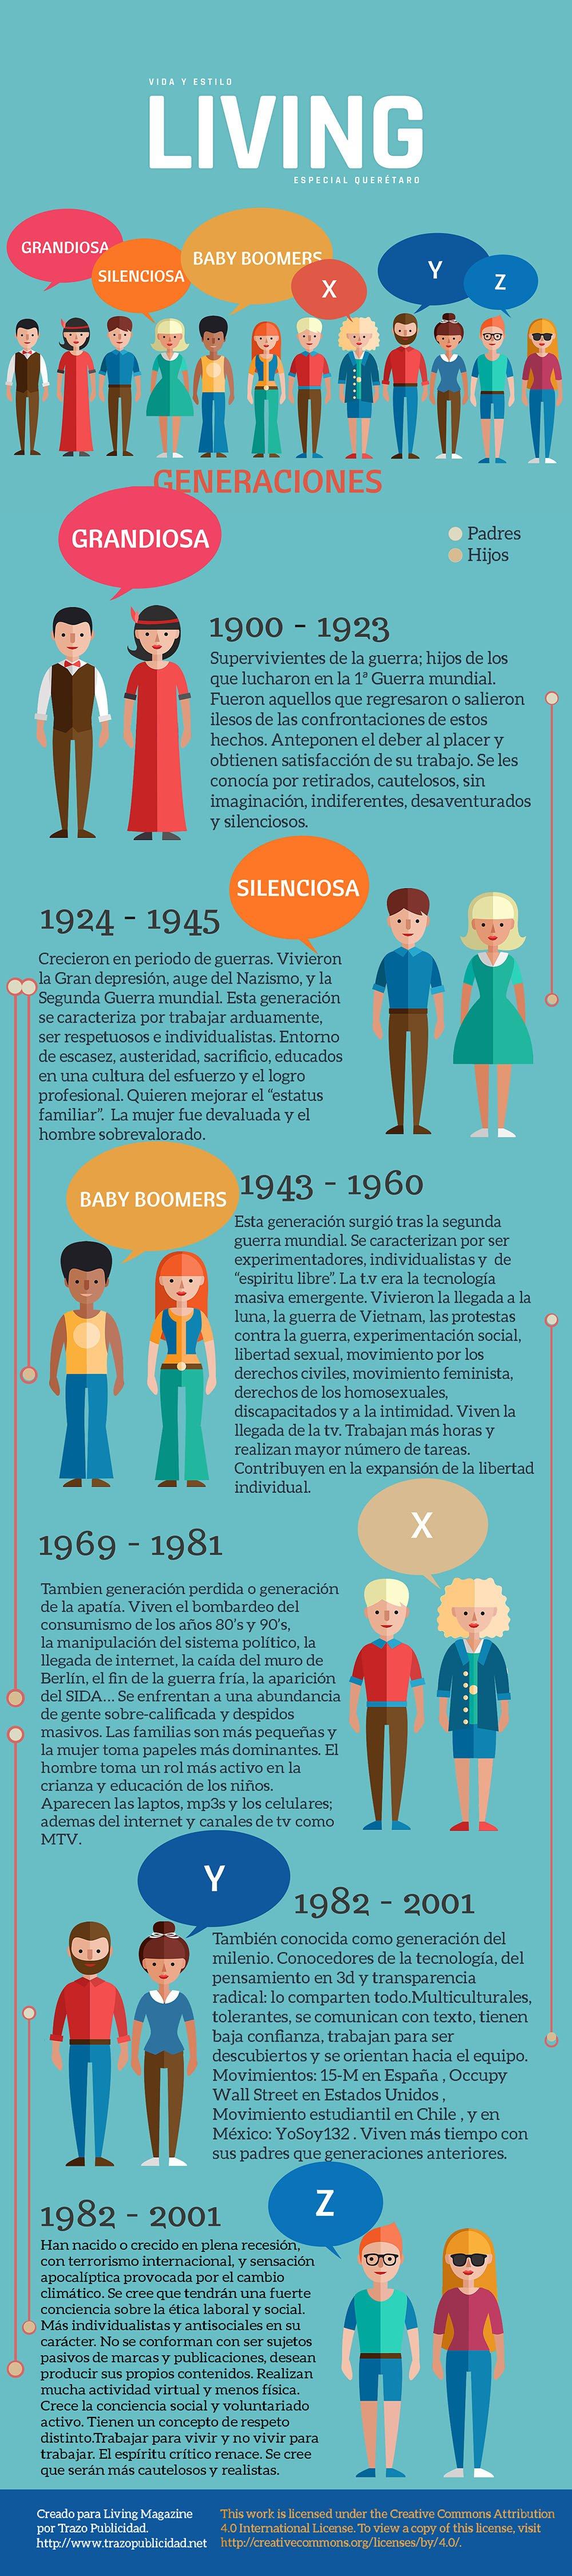 infografia de la generaciones humanas x y z